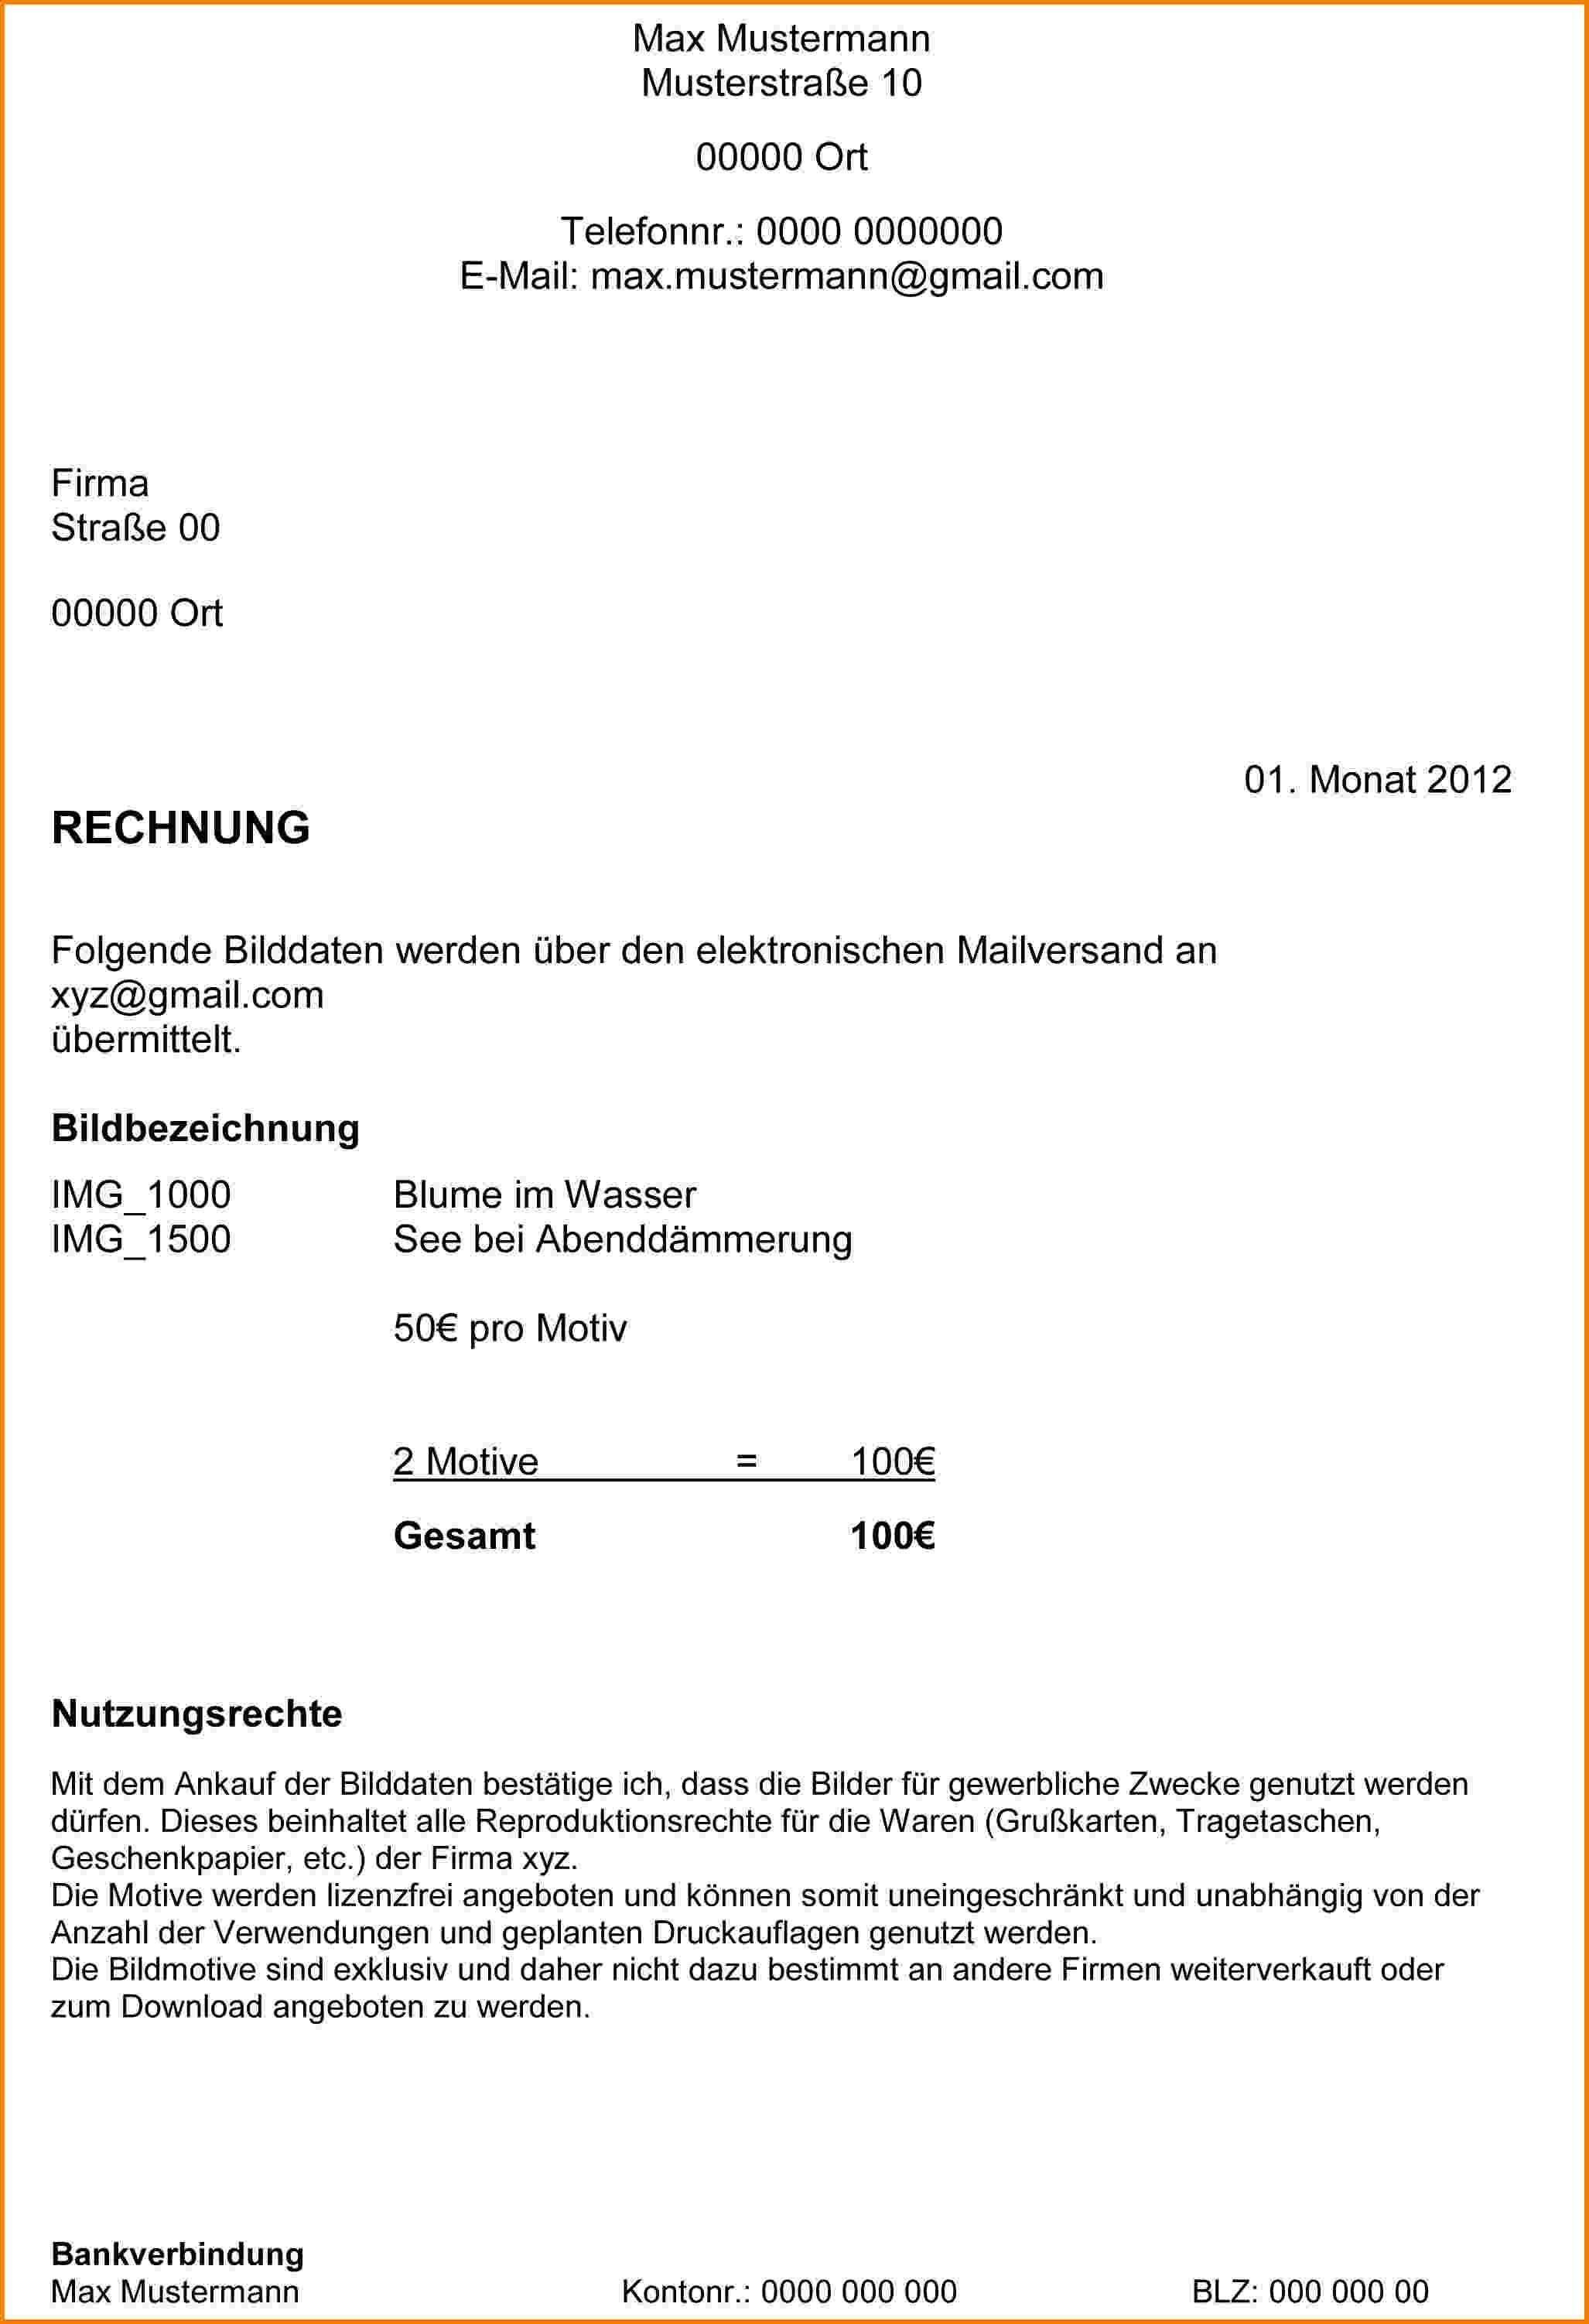 Einzigartig Anschreiben Preiserhohung Stundenlohn Briefprobe Briefformat Briefvorlage Rechnungen Schreiben Privatrechnung Vorlage Rechnung Vorlage